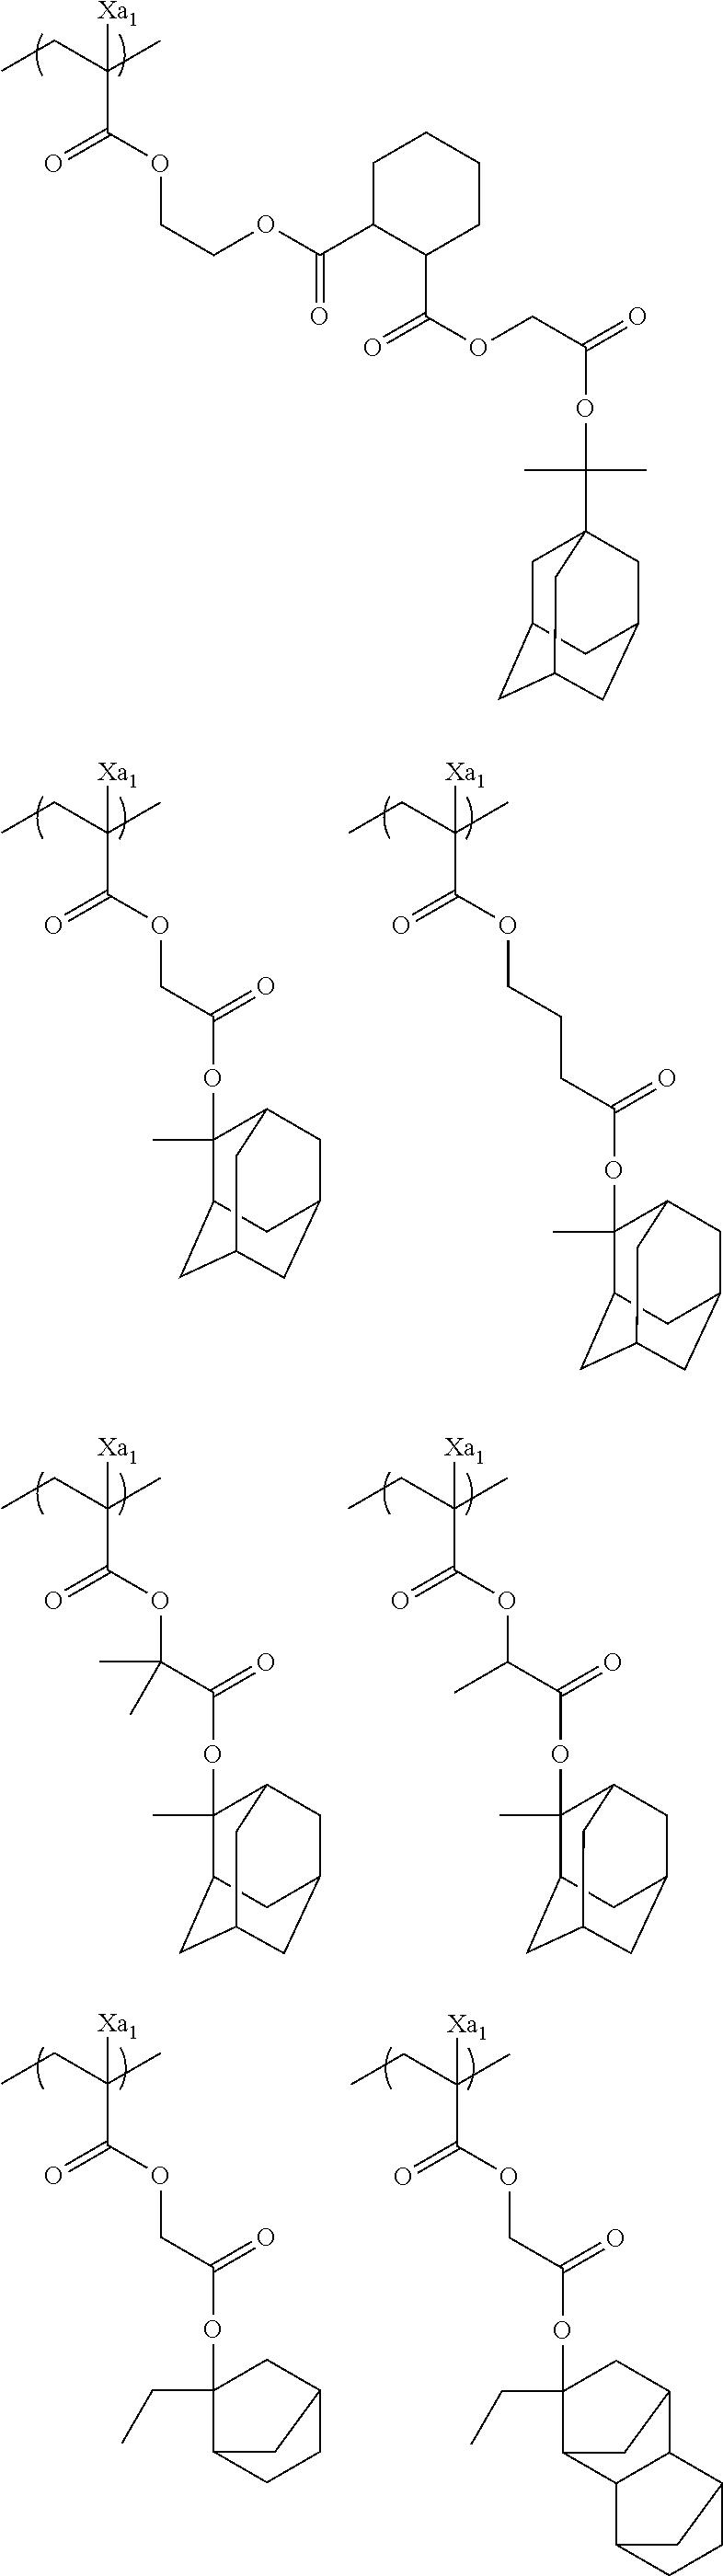 Figure US20110183258A1-20110728-C00038